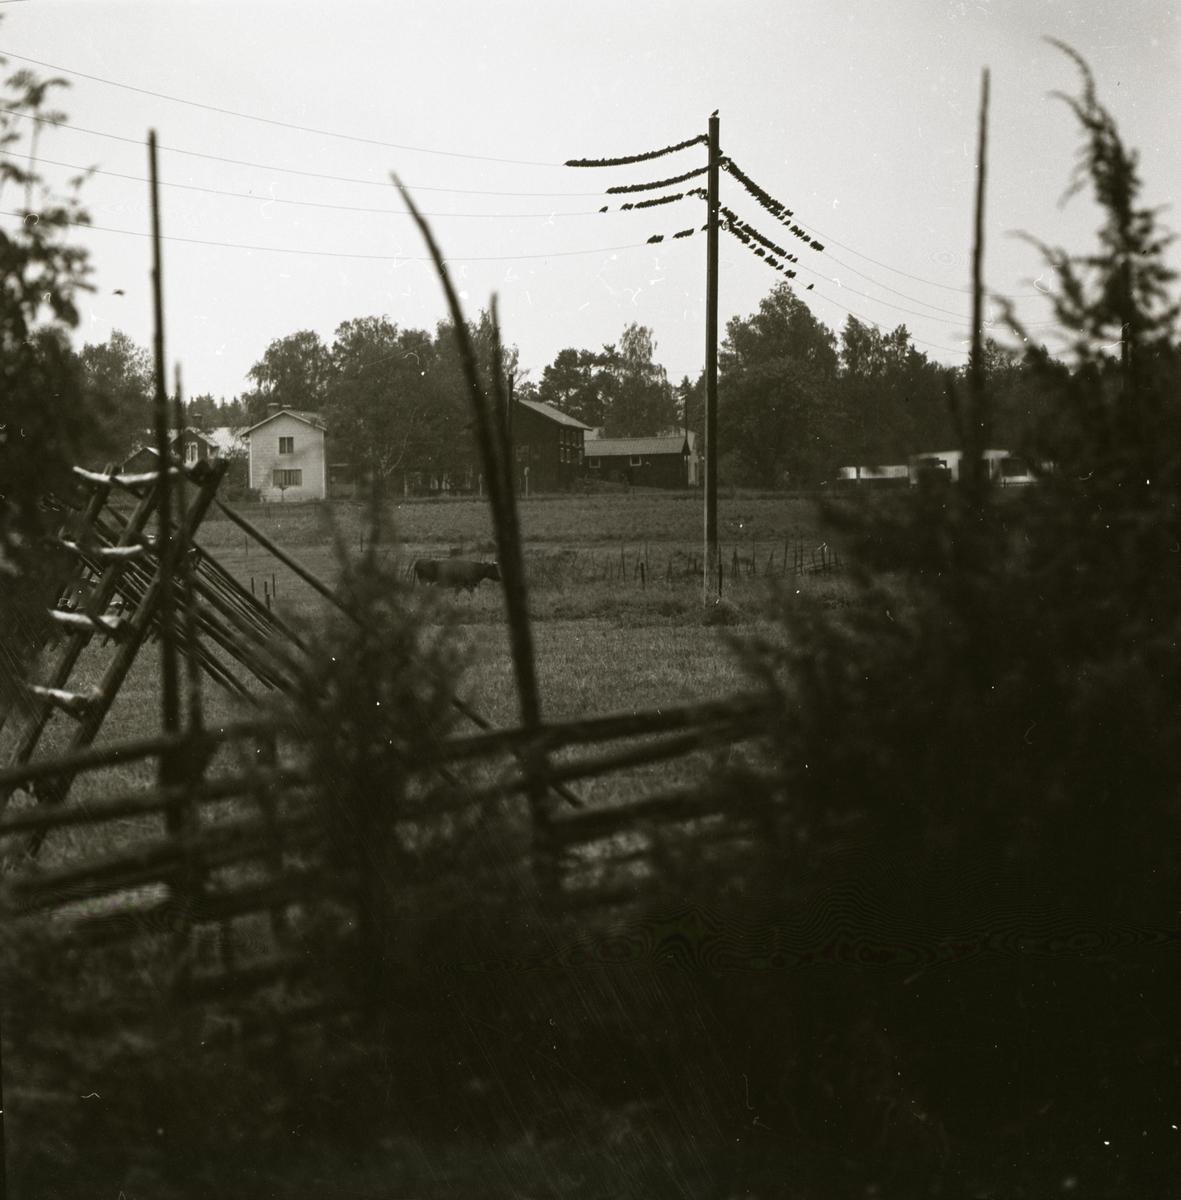 En flock starar sitter på elledningar vilka kommer från samma stople, hösten 1969.